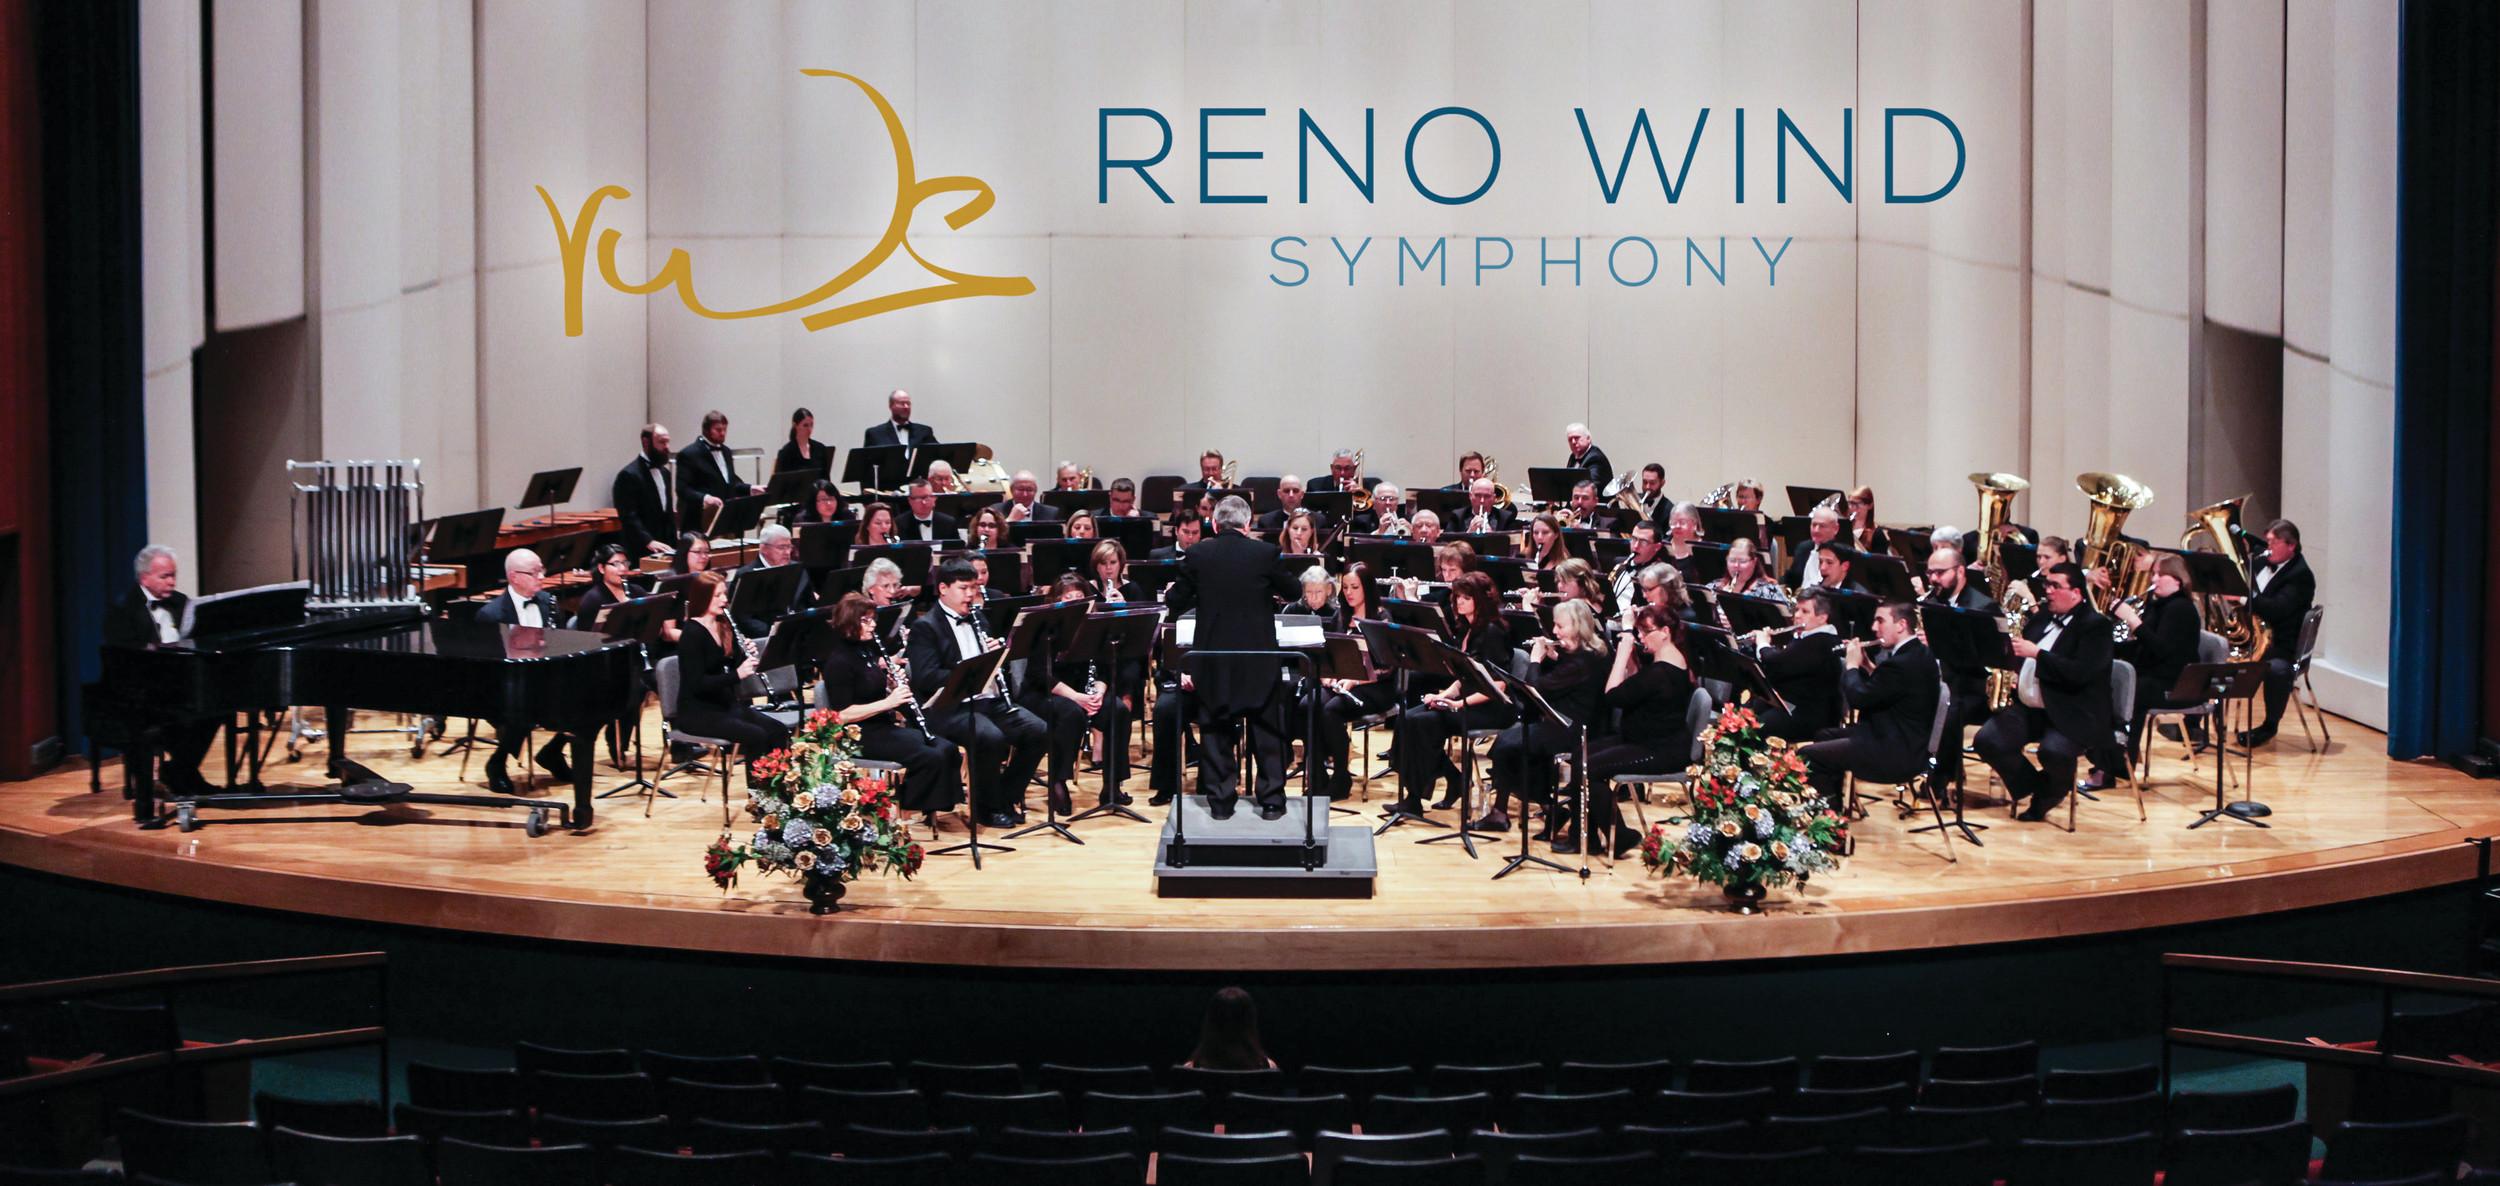 Woodwinds | Reno Wind Symphony | Reno, NV